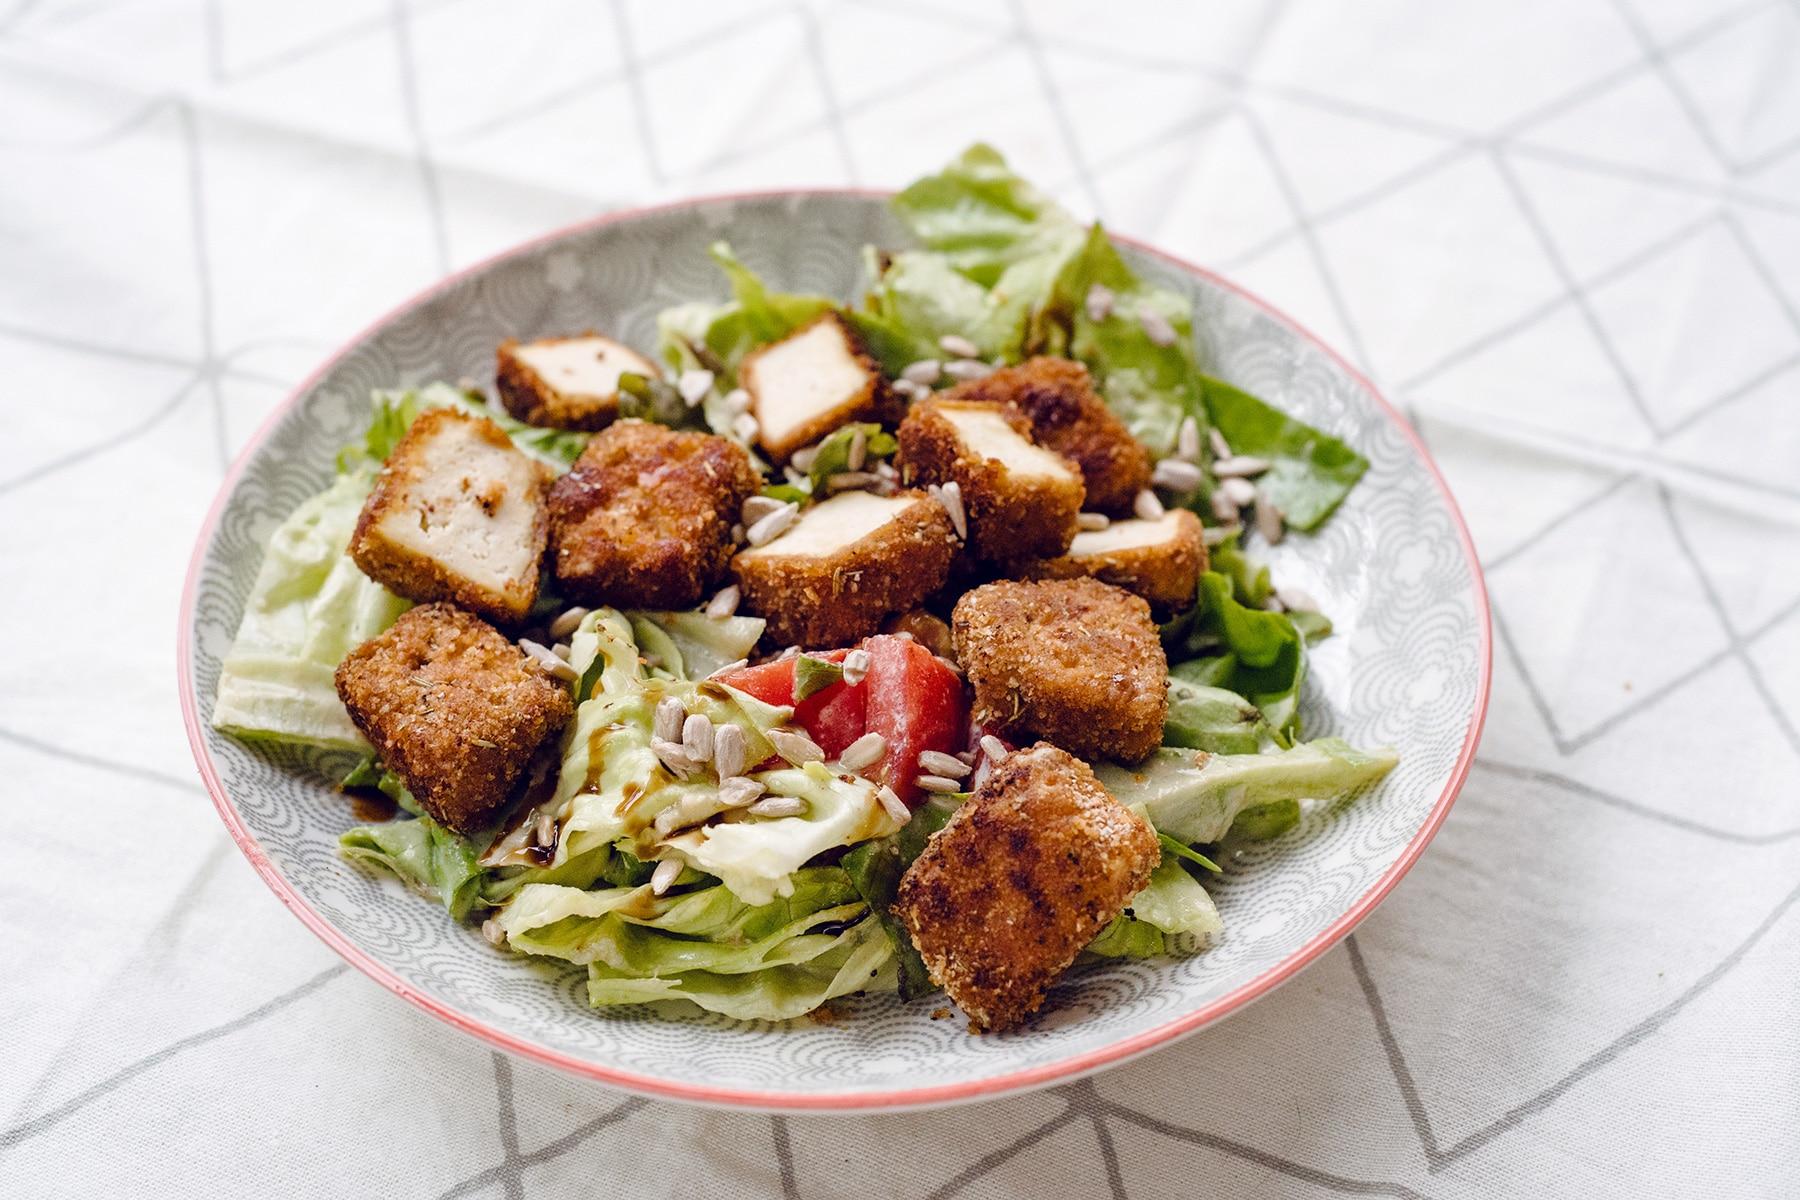 Salade César végétalienne et crousti-tofu, recette de La Petite Okara